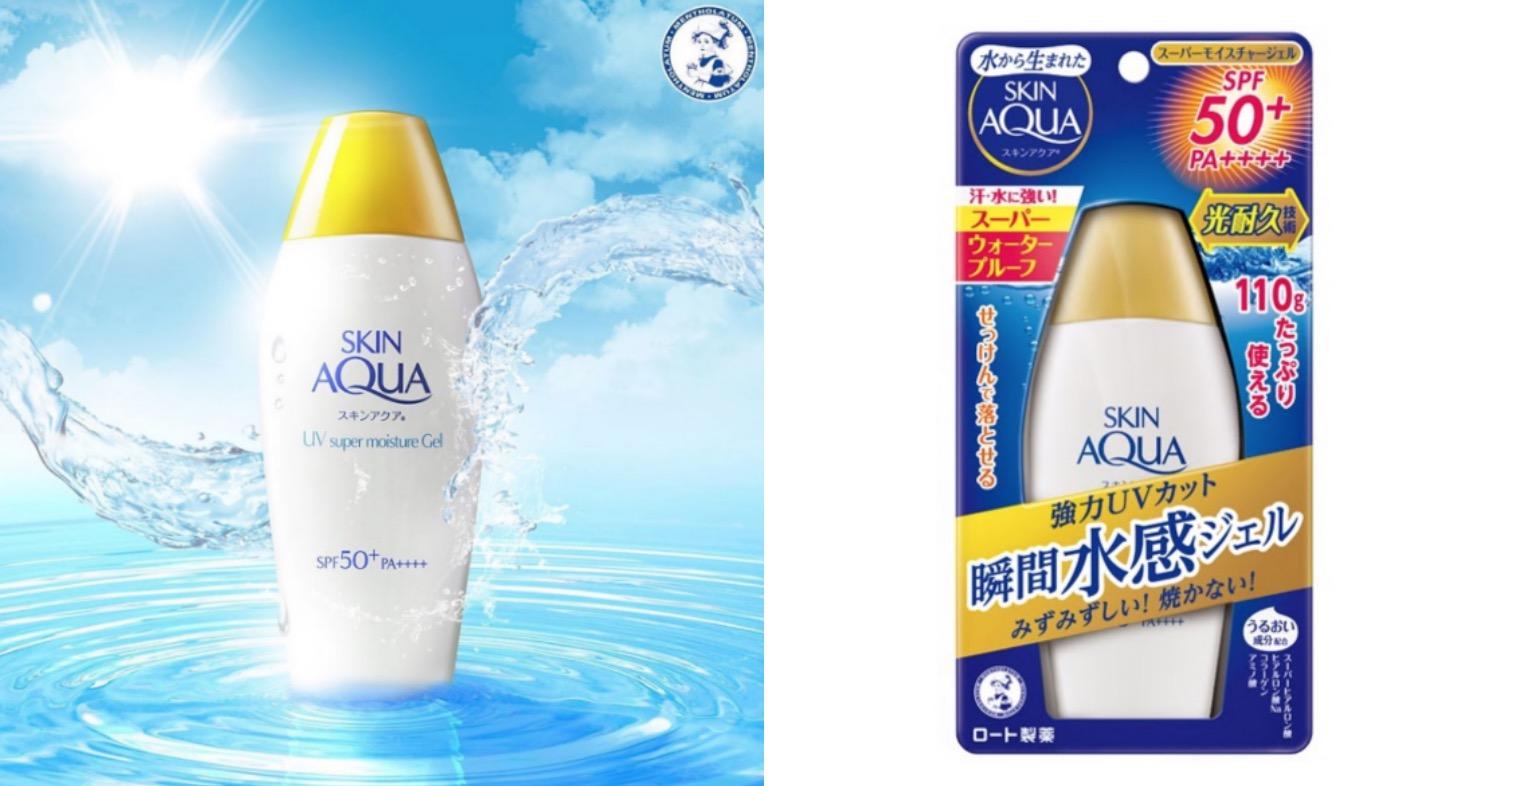 臉部、身體都適用,可當粧前隔離,最強水潤UV觸感竟如化粧水般舒服,同時擁有最高防曬係數SPF50+/PA++++,能充分保護肌膚不曬傷。